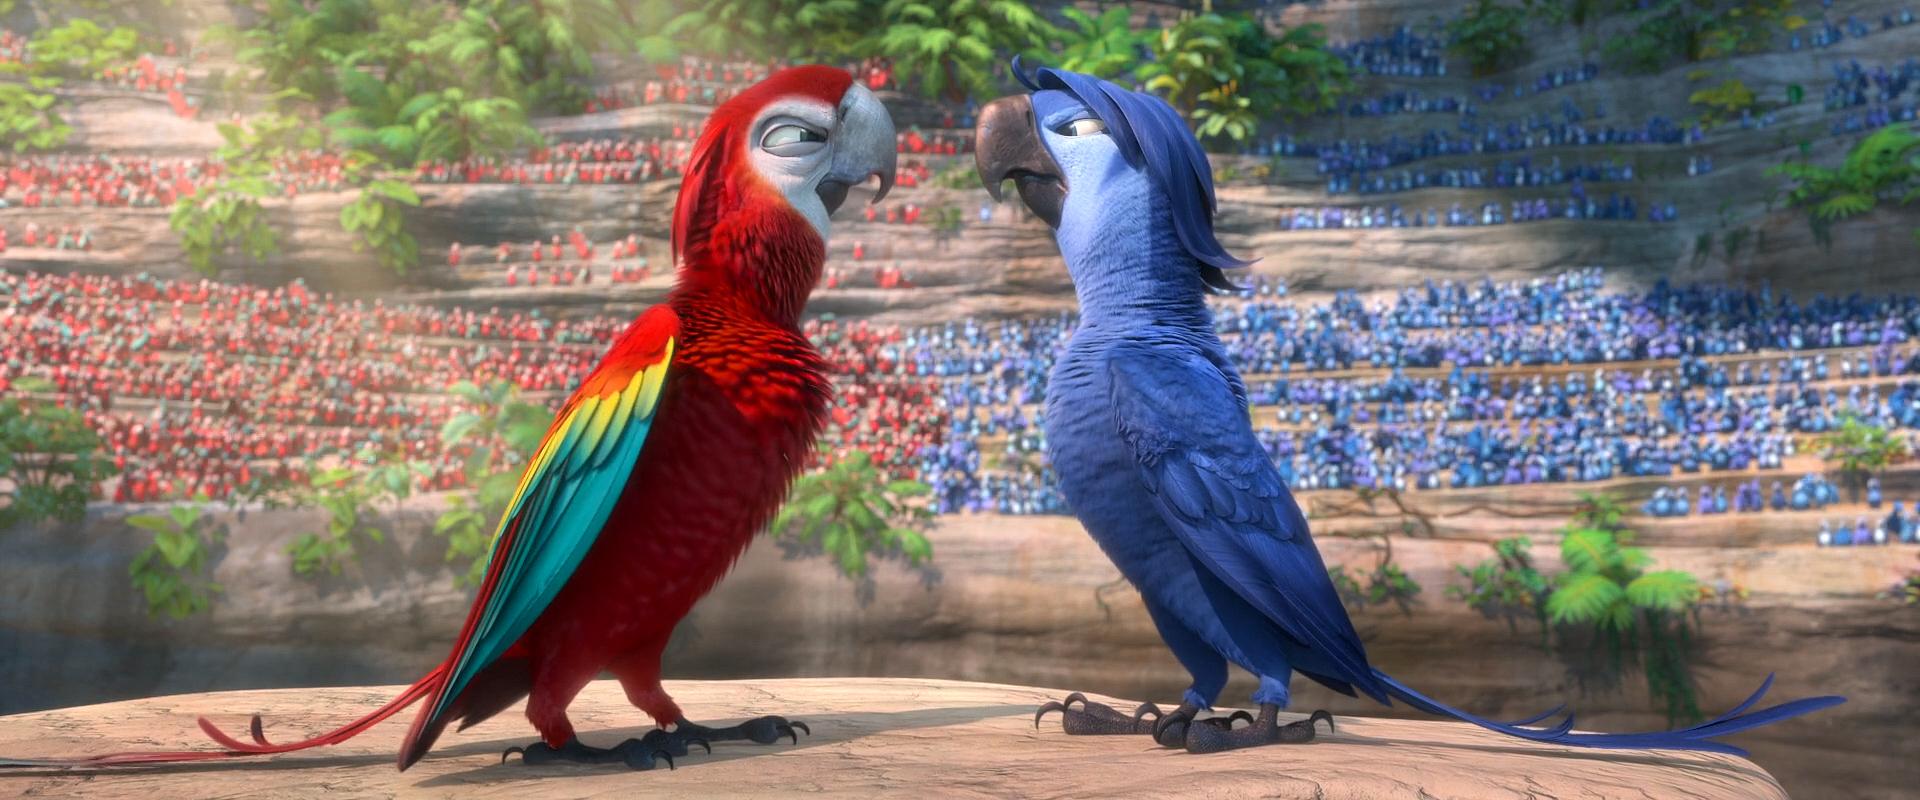 картинки из рио все птицы самое впечатляющее незабываемое